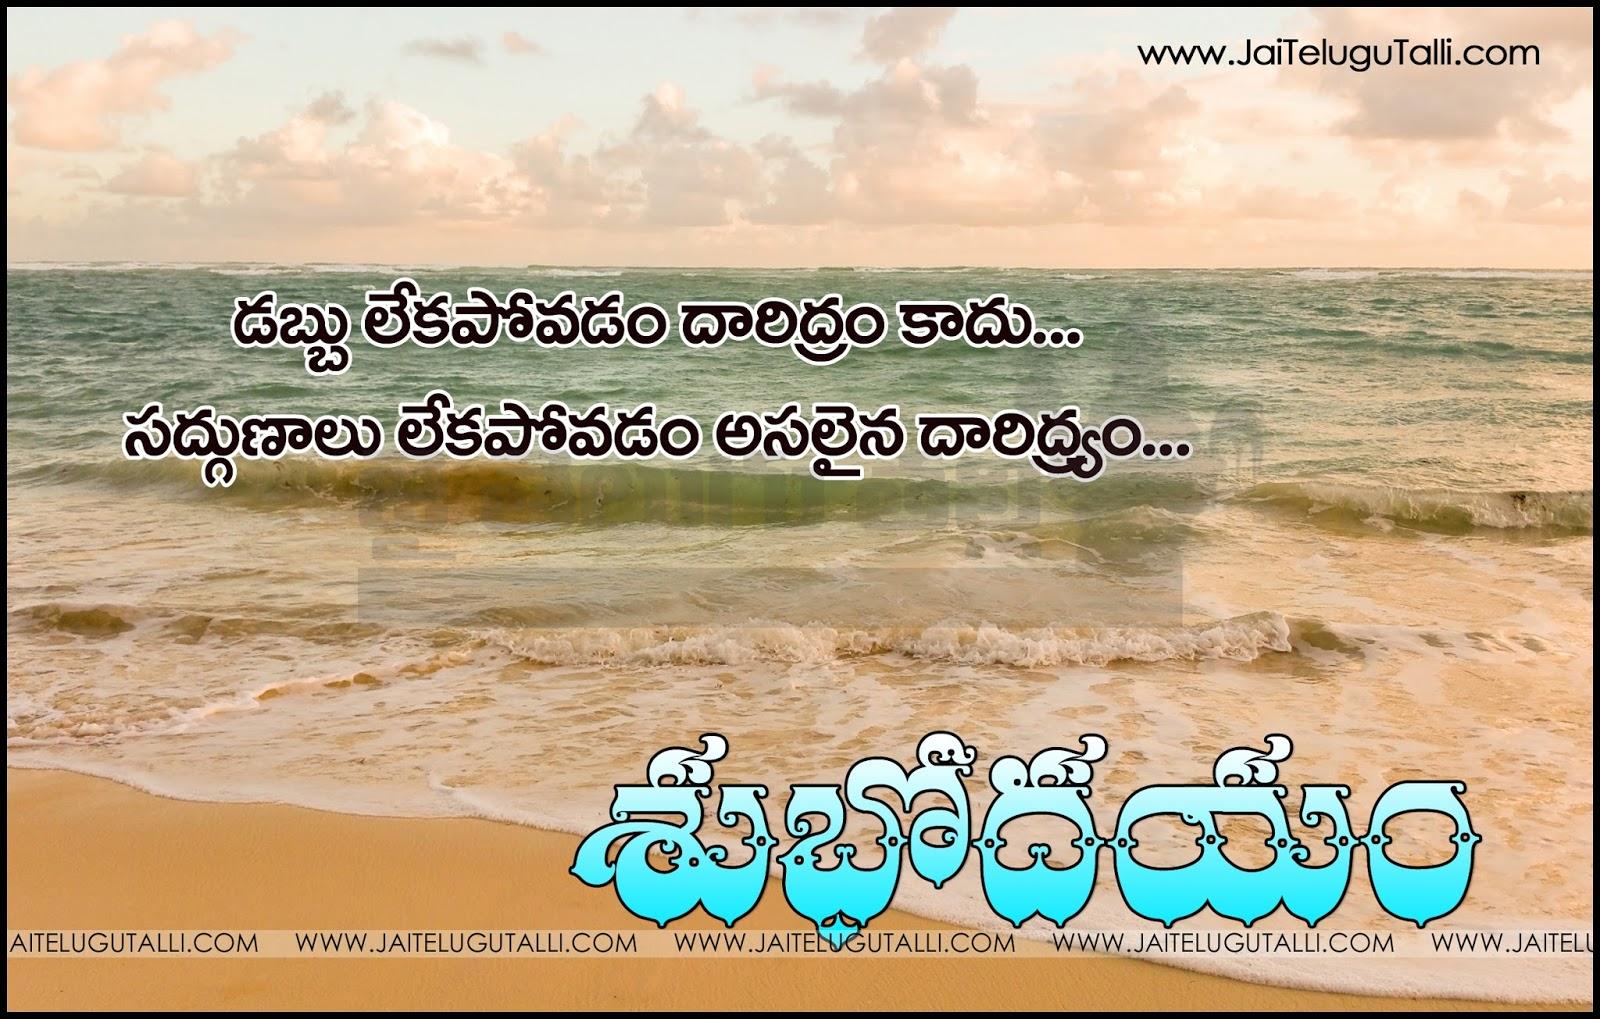 Morning Motivational Quotes Telugu Good Morning Motivational Quotes Images And Sayings  Www